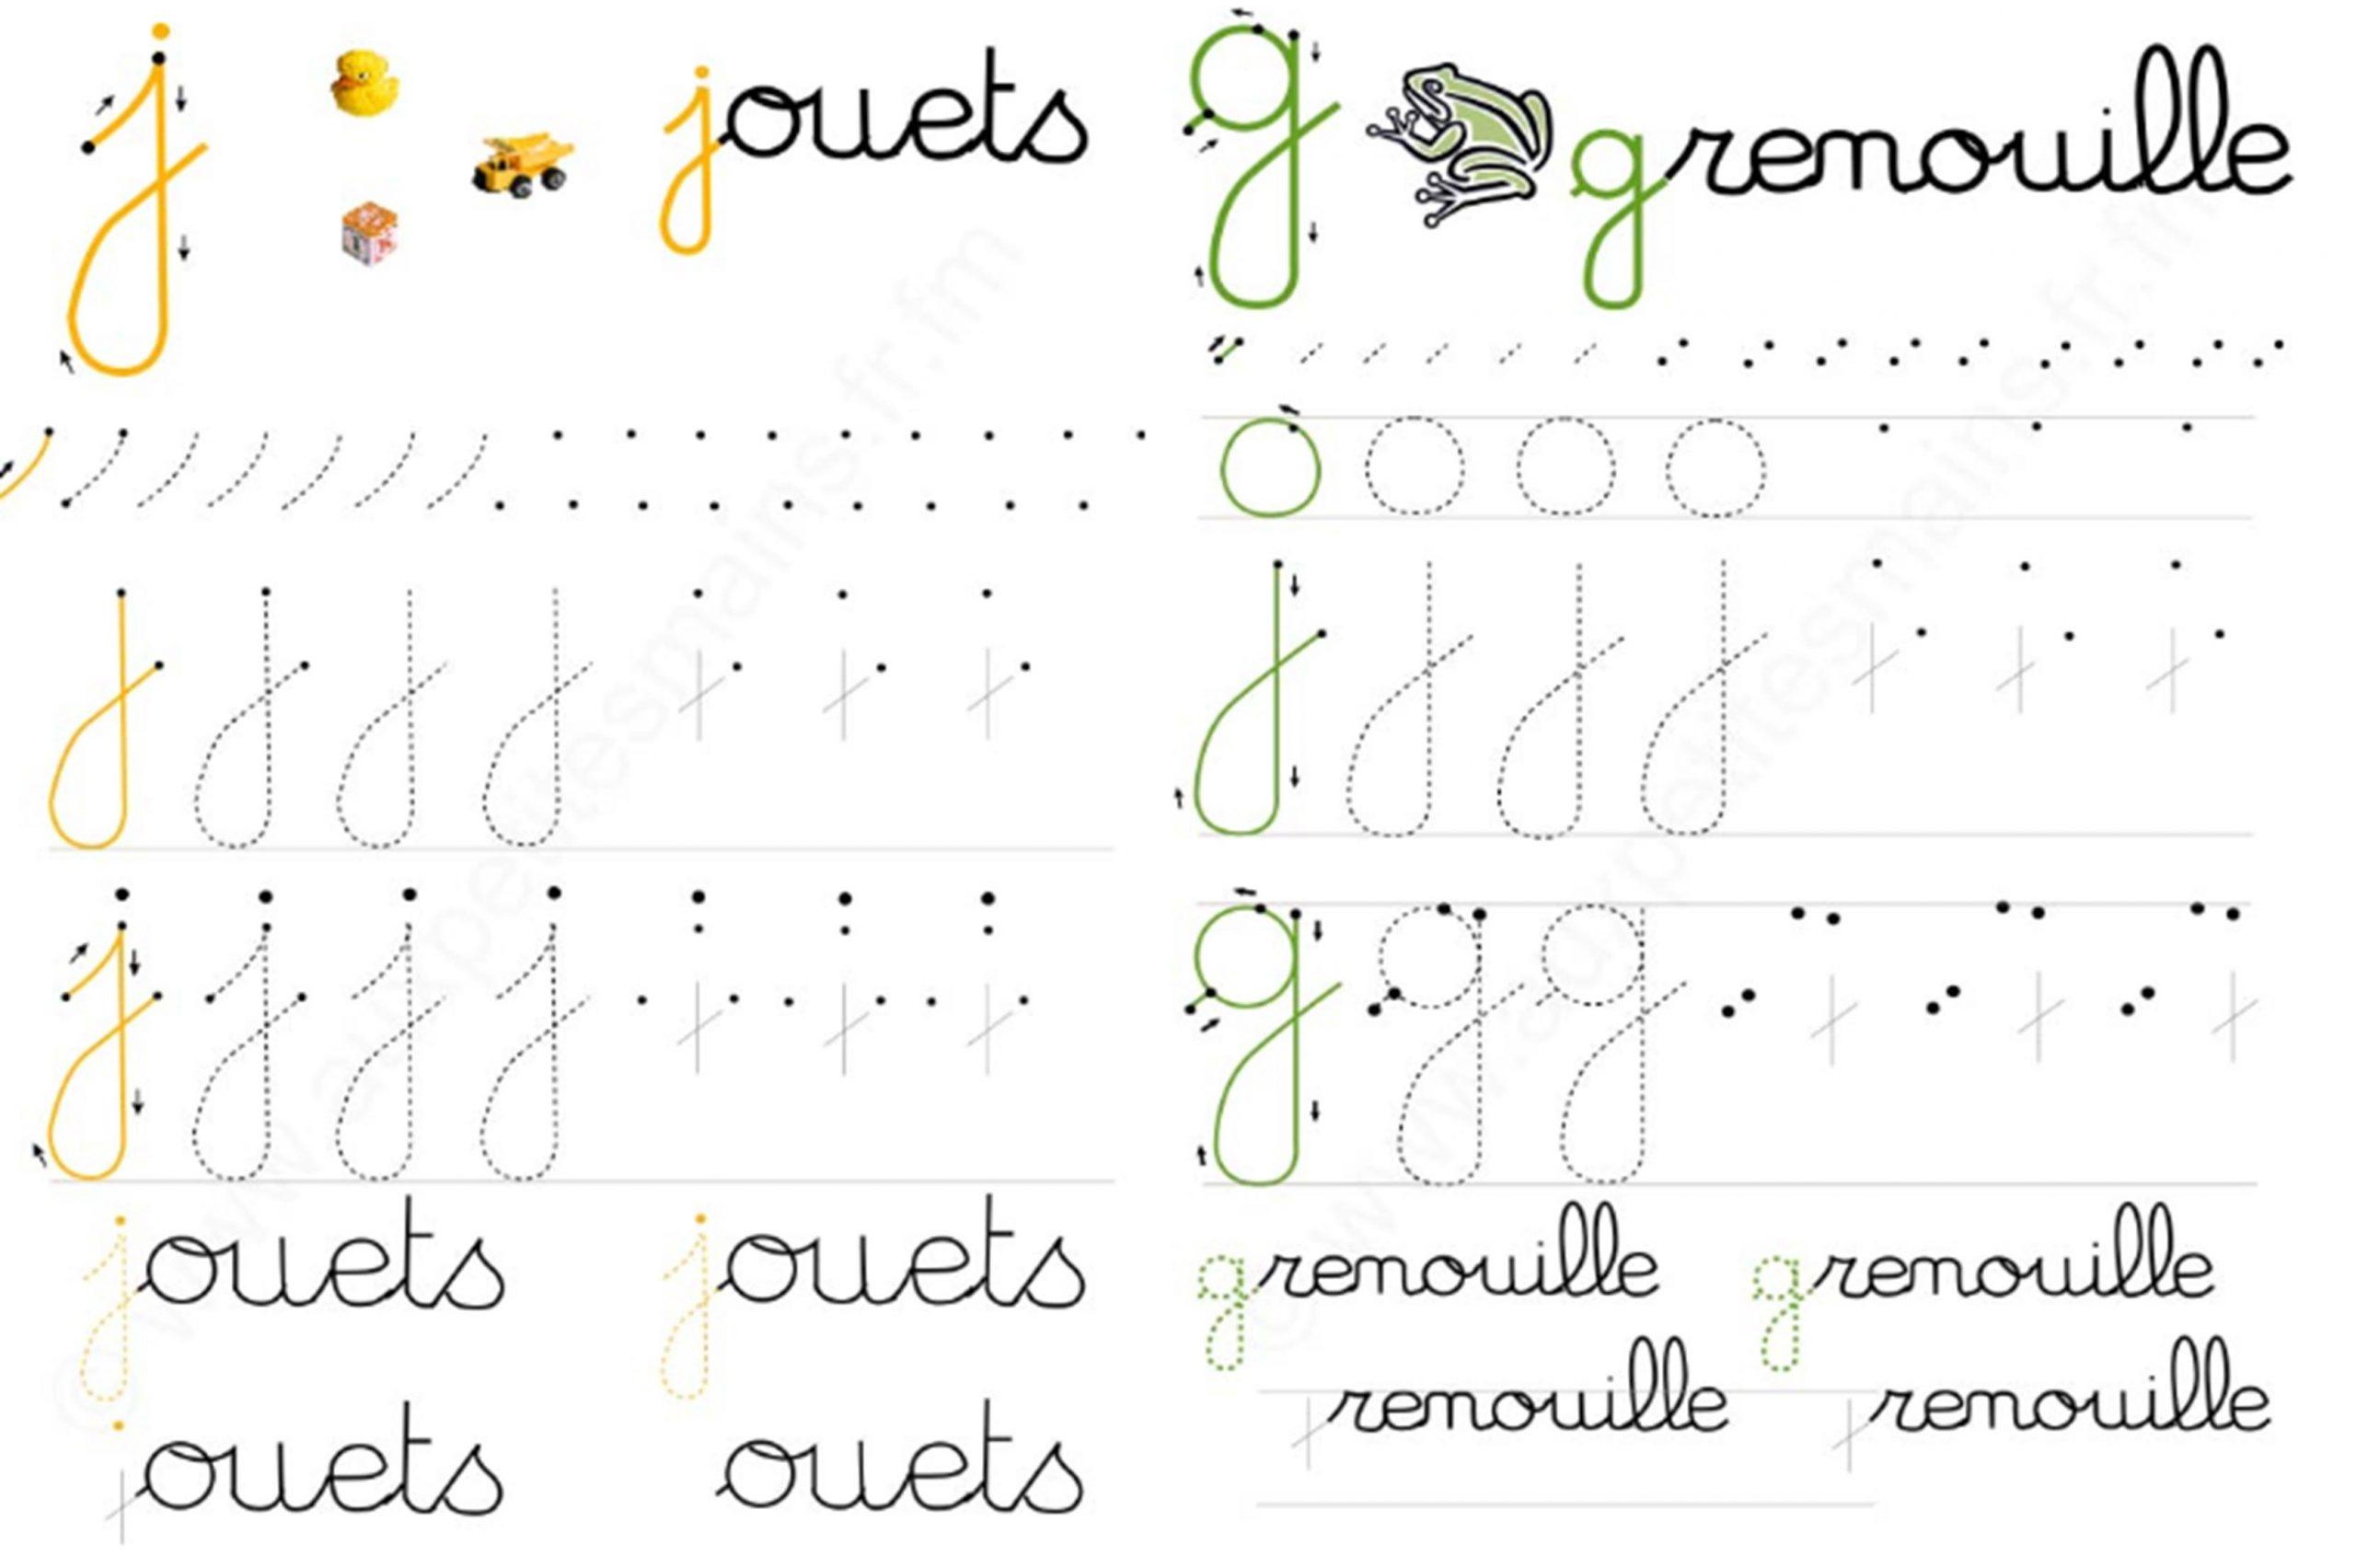 Fichier D'écriture Grande Section | Le Blog De Monsieur Mathieu dedans Apprendre Ecriture Maternelle